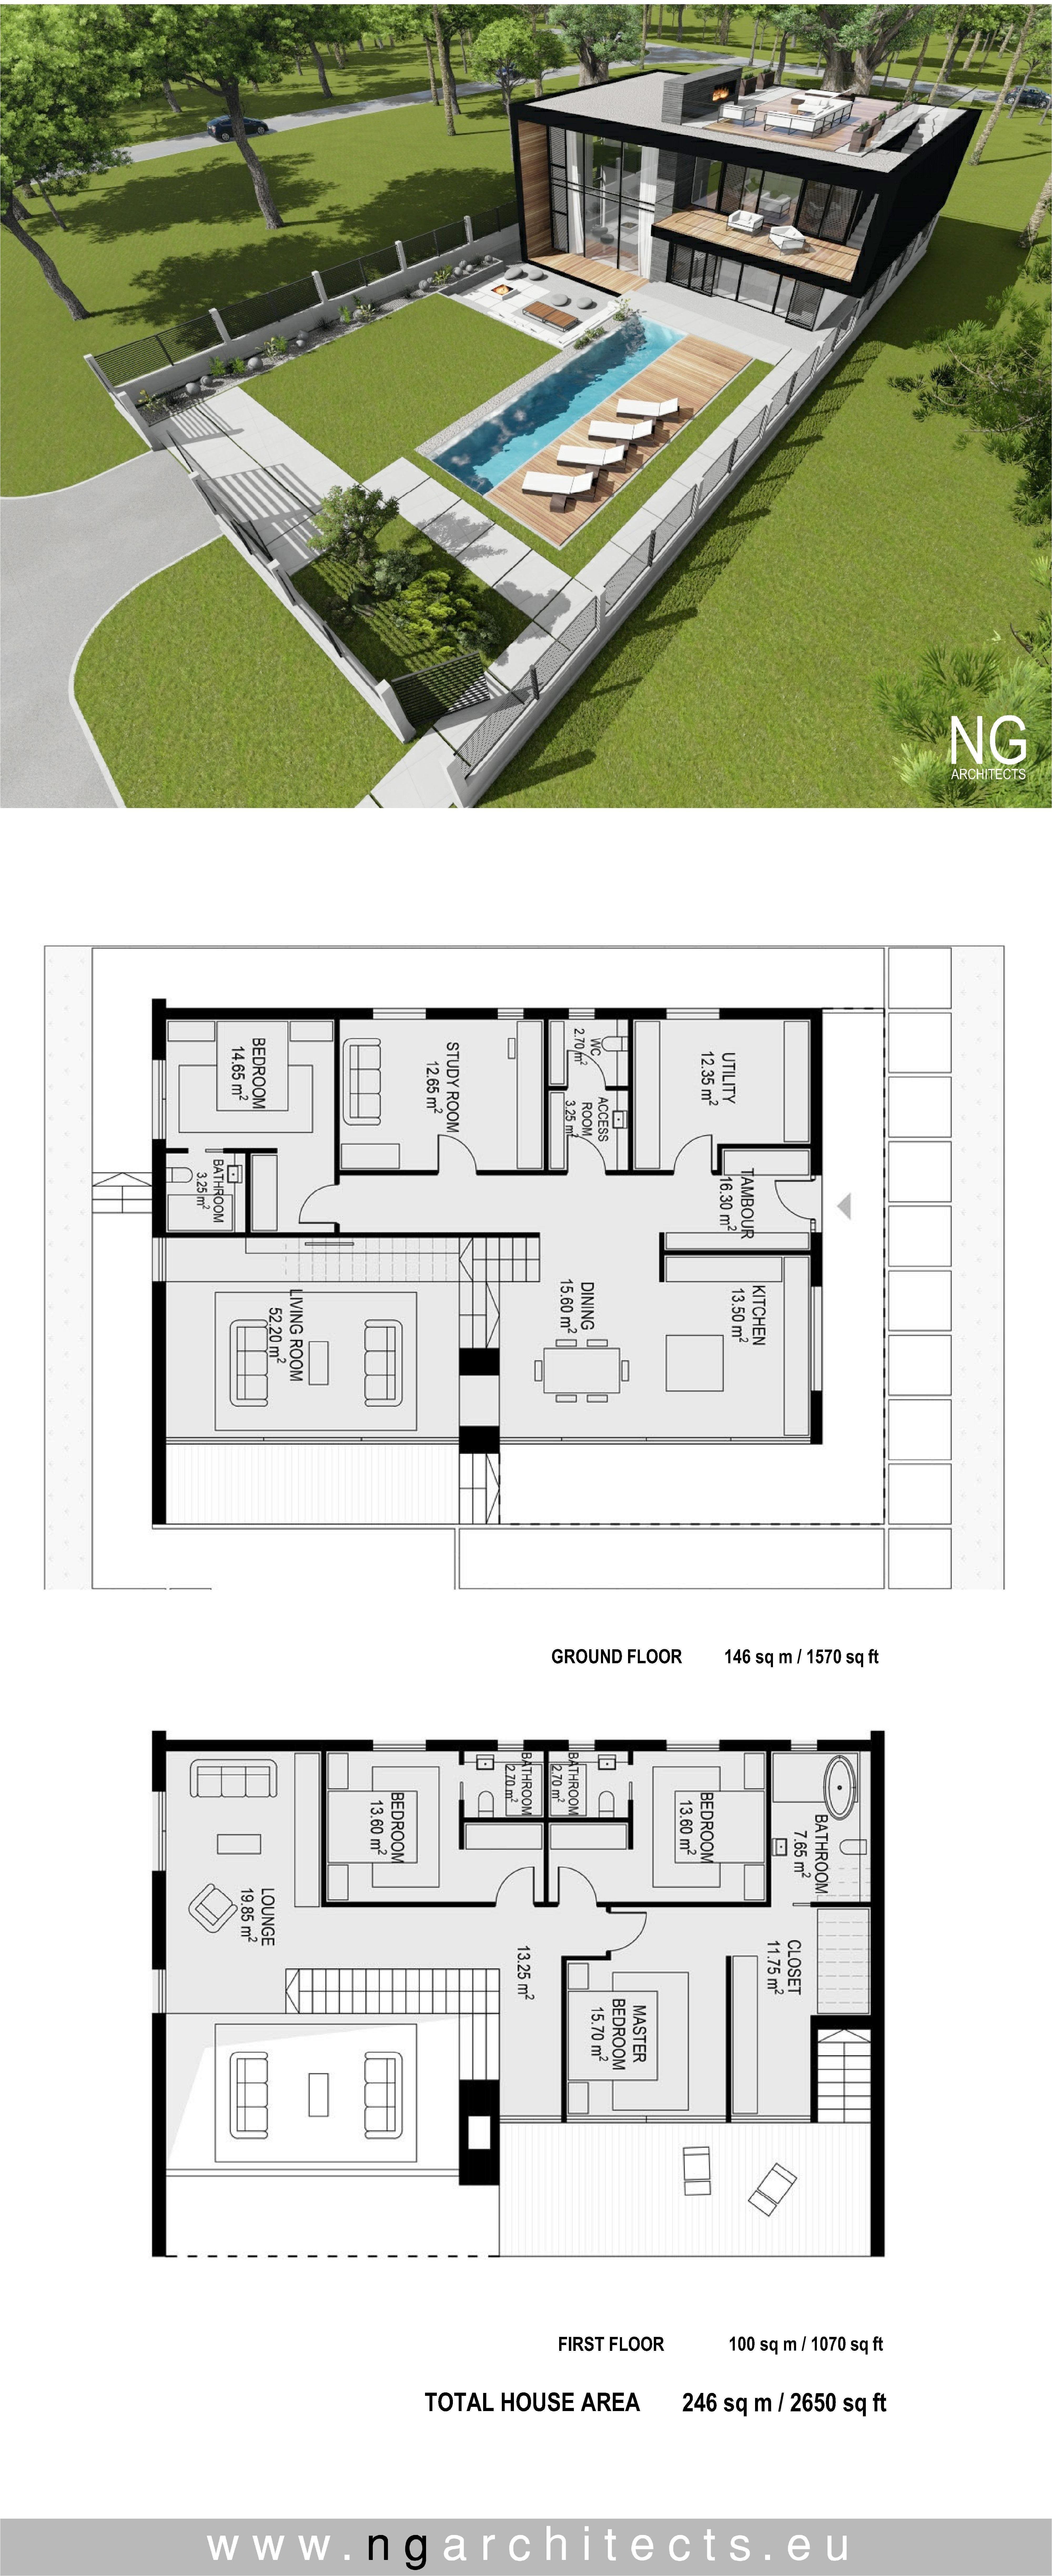 21 Modern House Building Plans Gubugasri Best Arquitetura Casas Projetos De Casas Projetos De Mansao